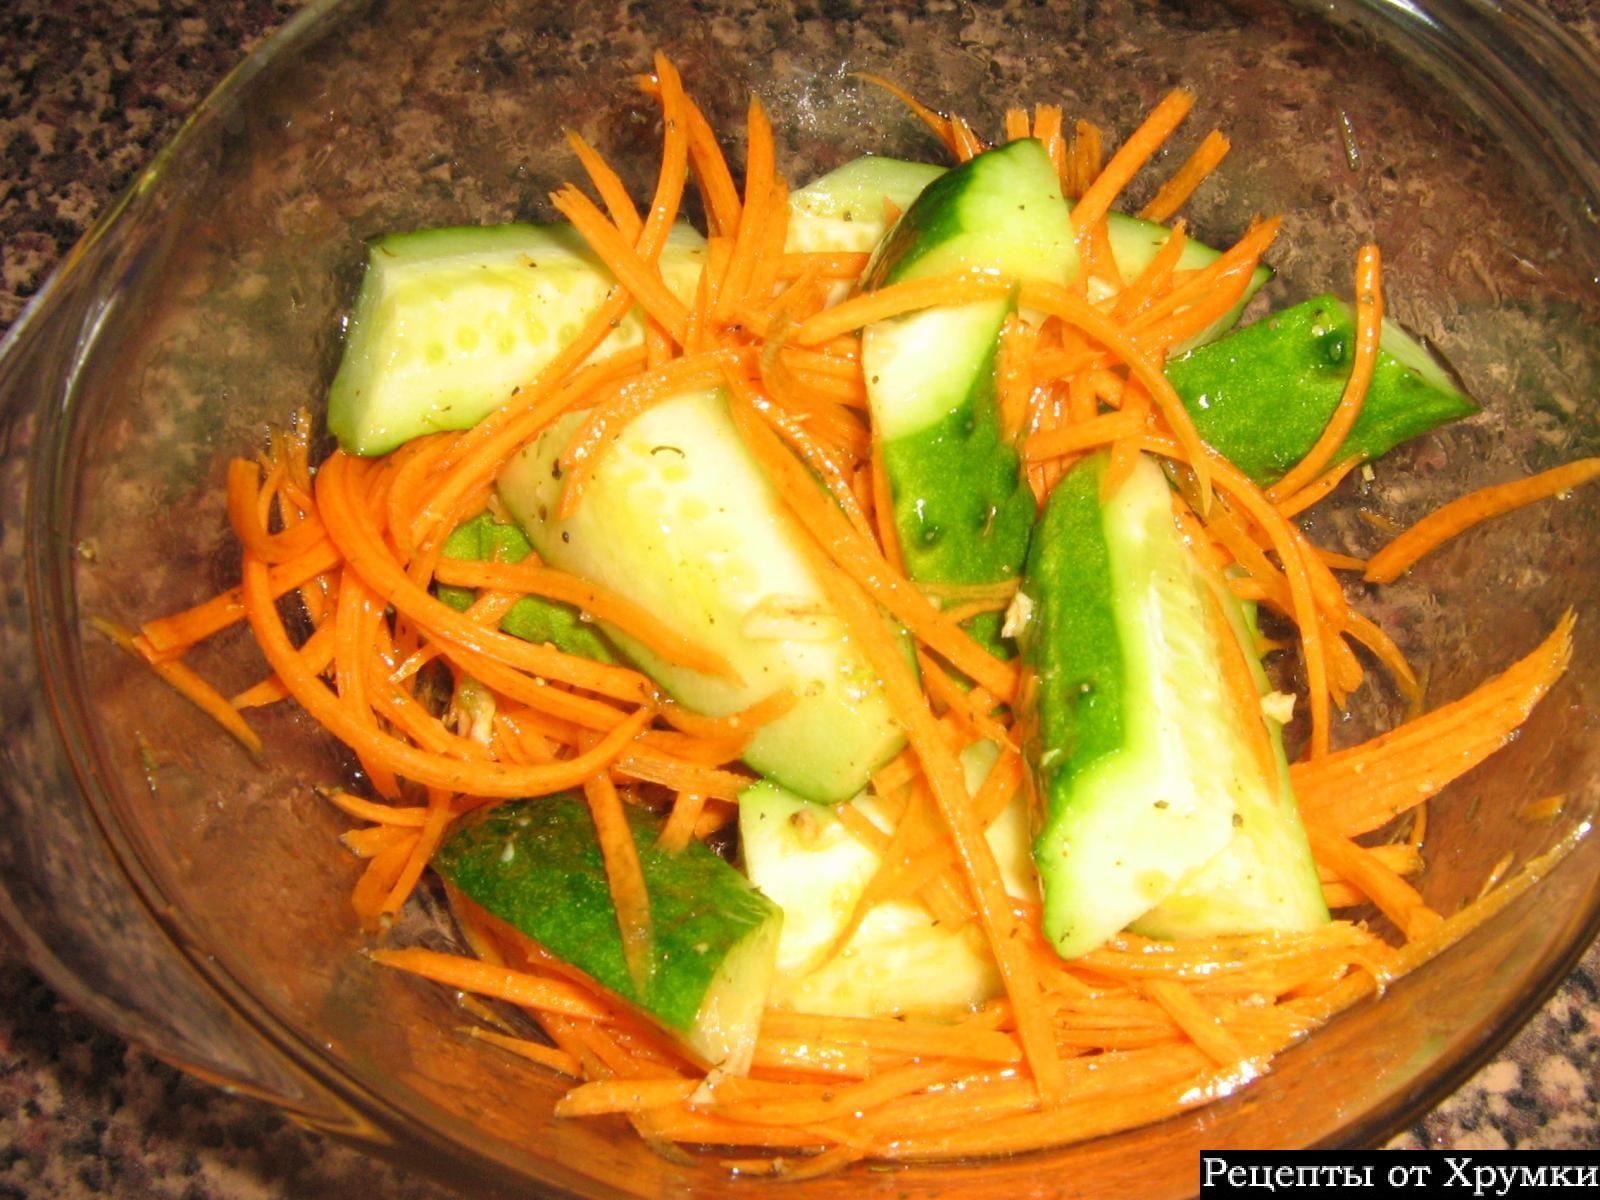 Огурцы по-корейски - самый вкусный рецепт быстрого приготовления на зиму